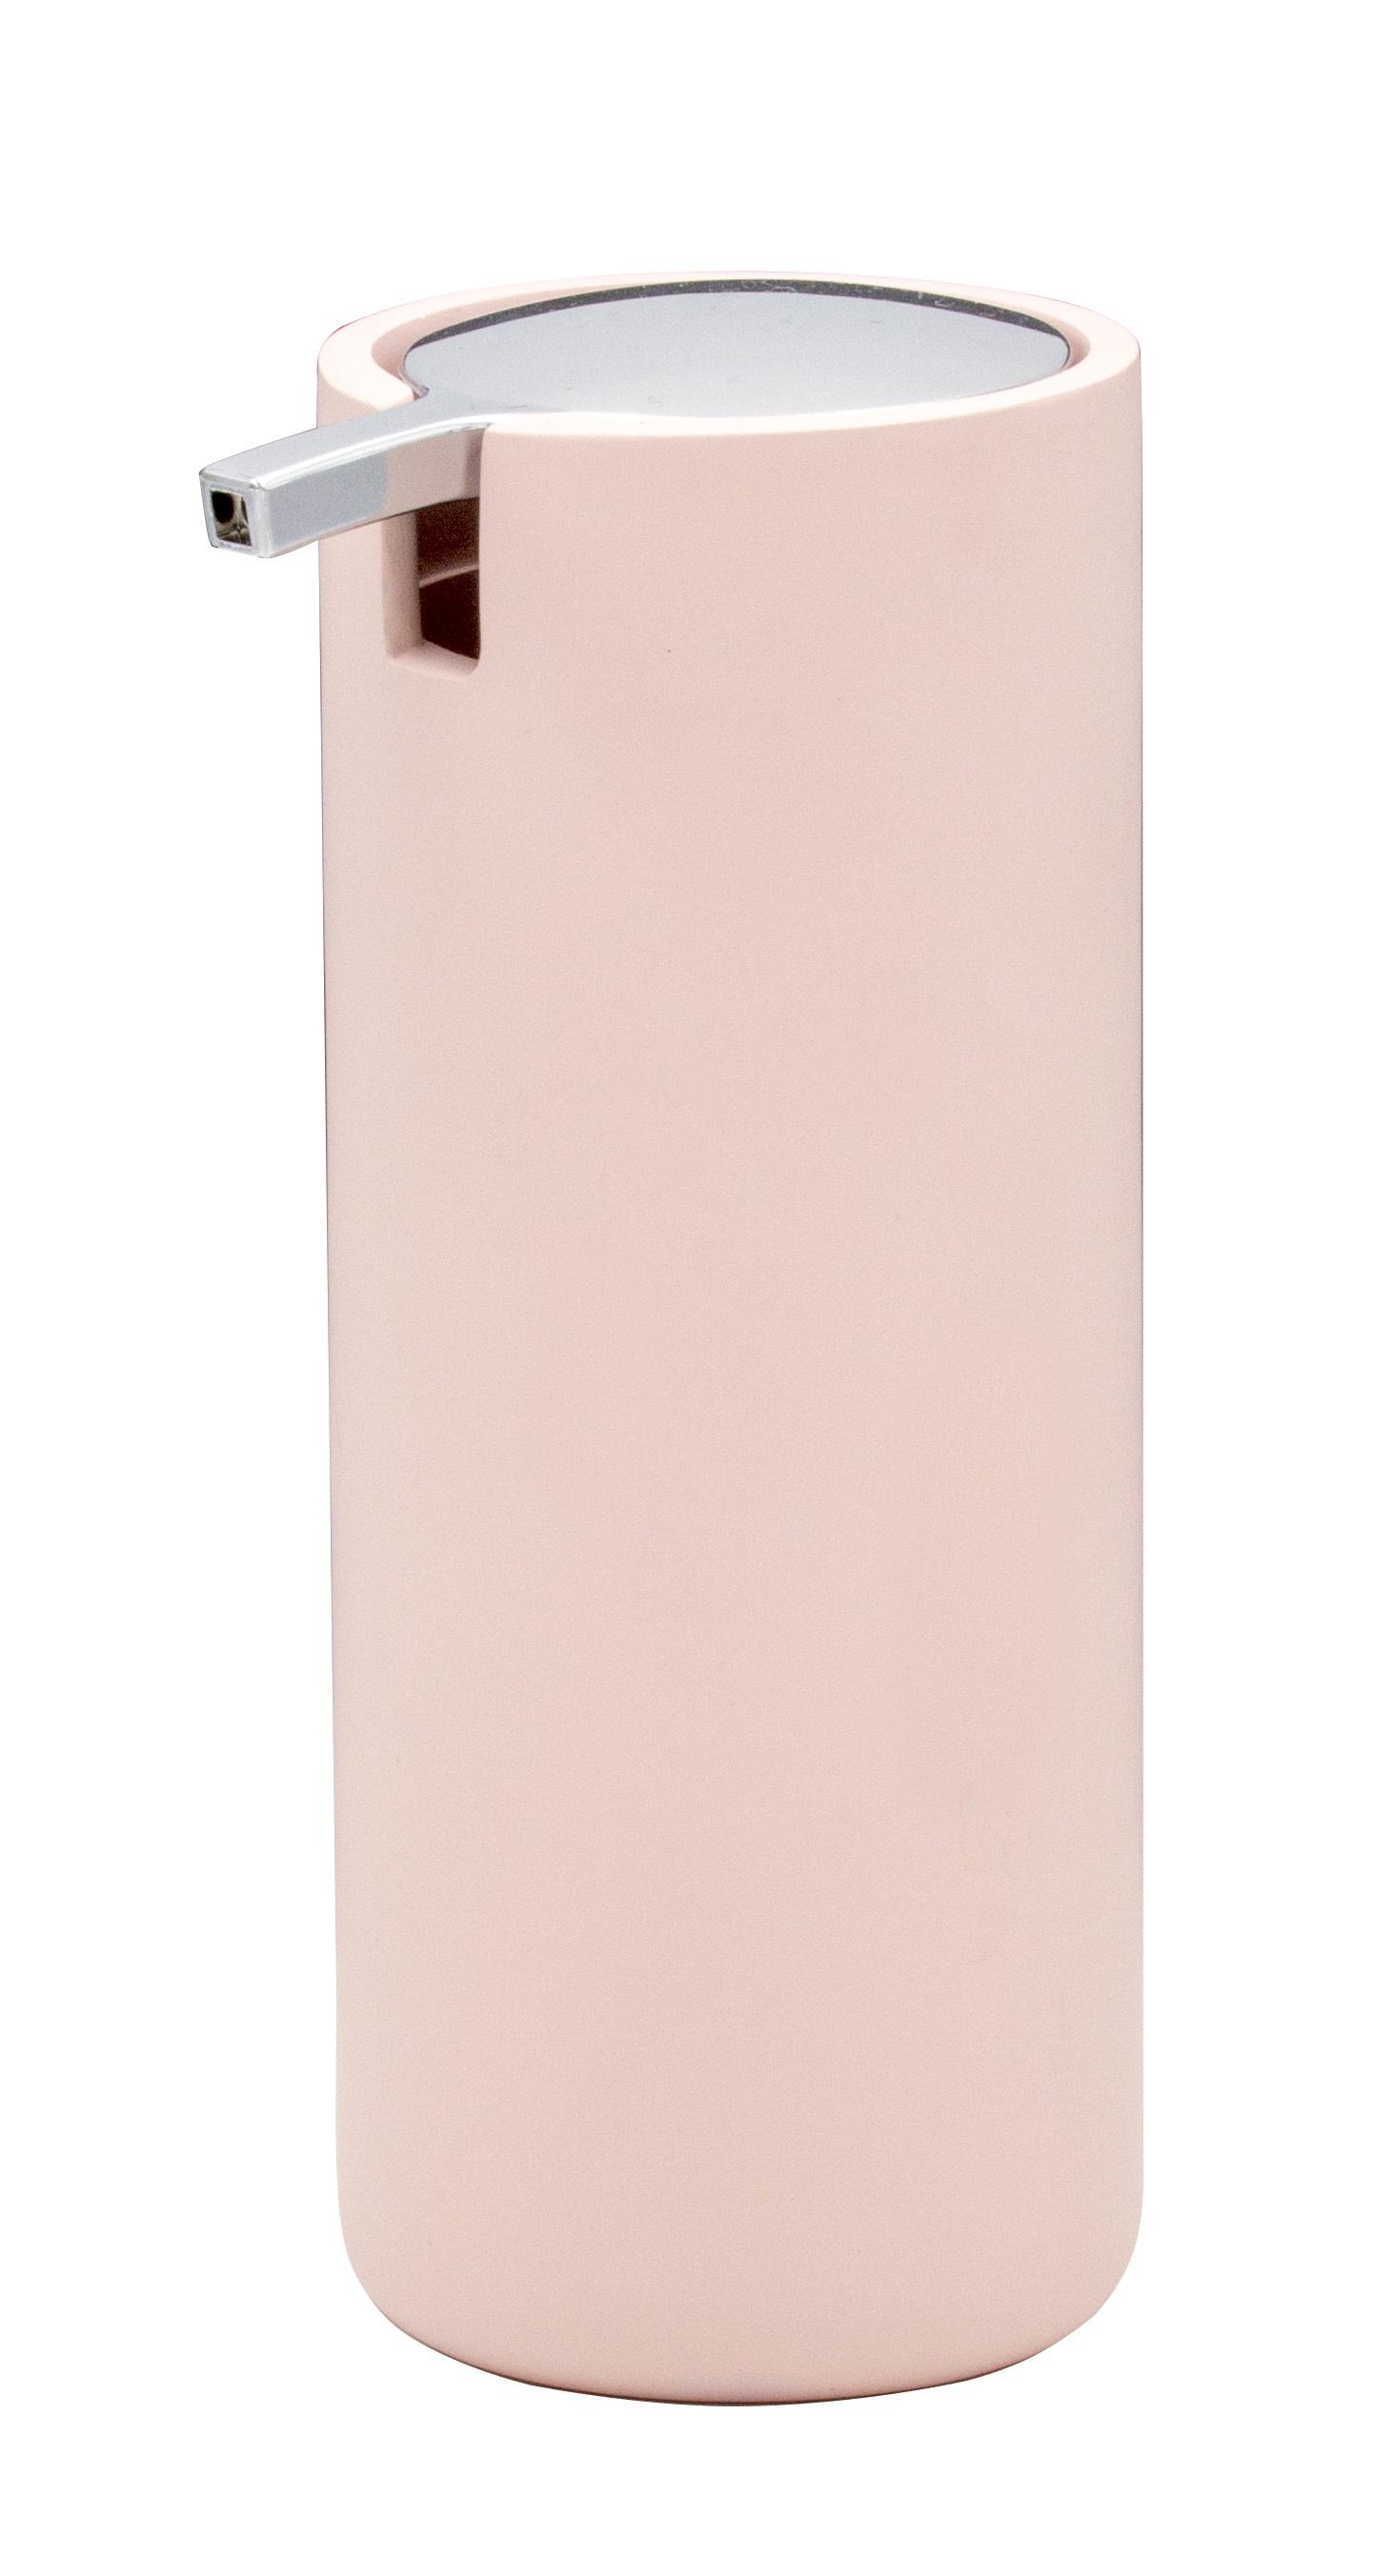 Дозатор для жидкого мыла Young розовый